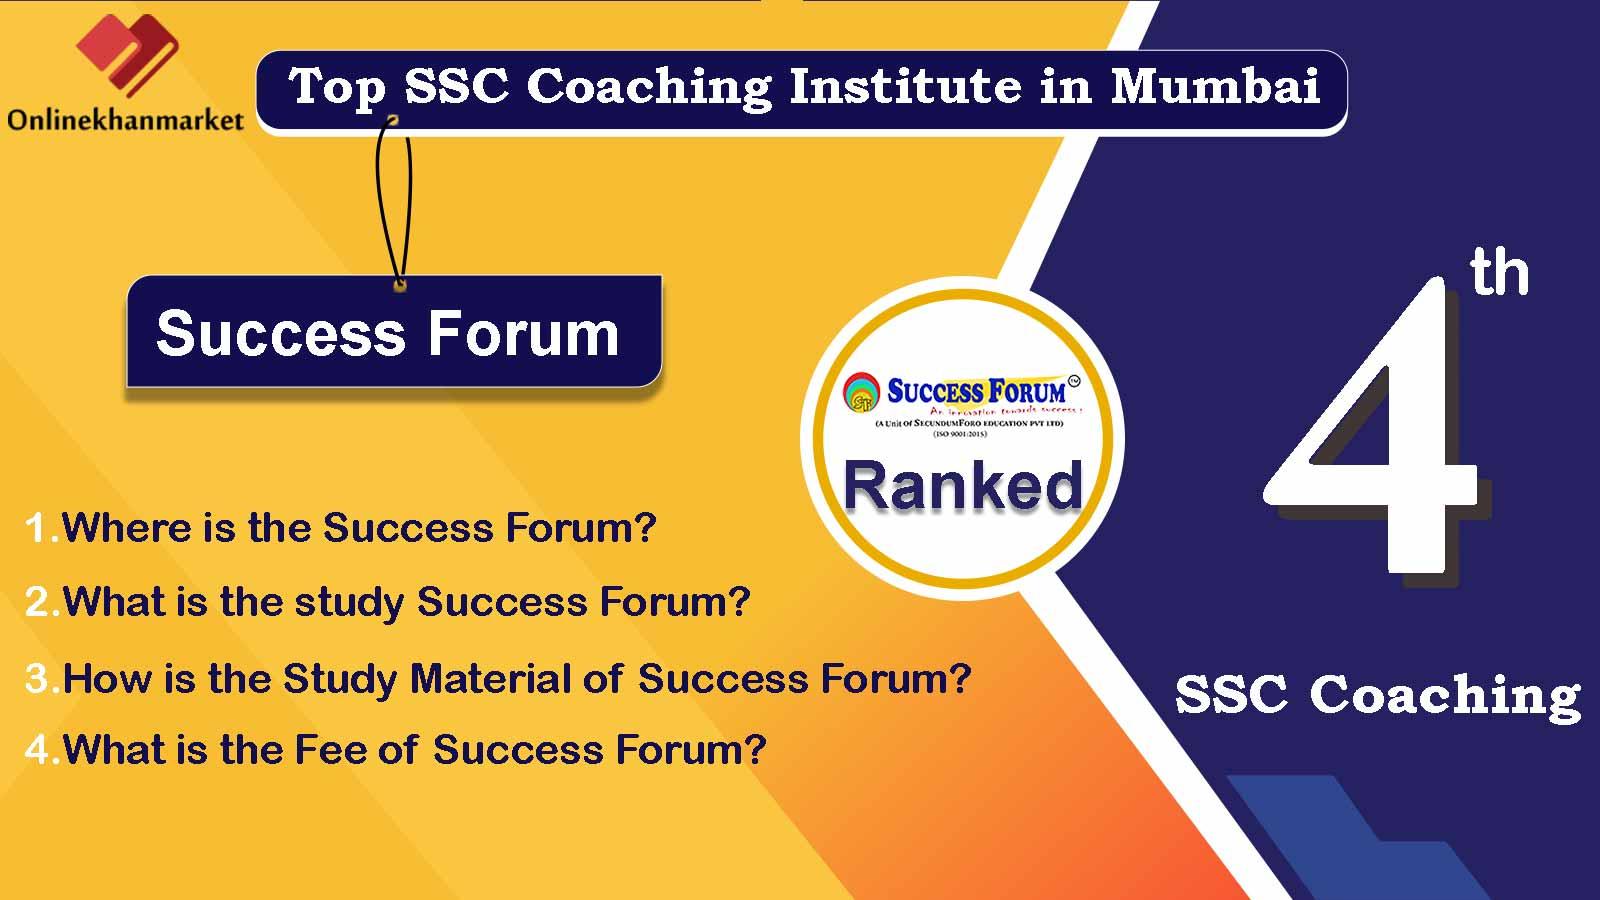 Top SSC Coaching in Mumbai